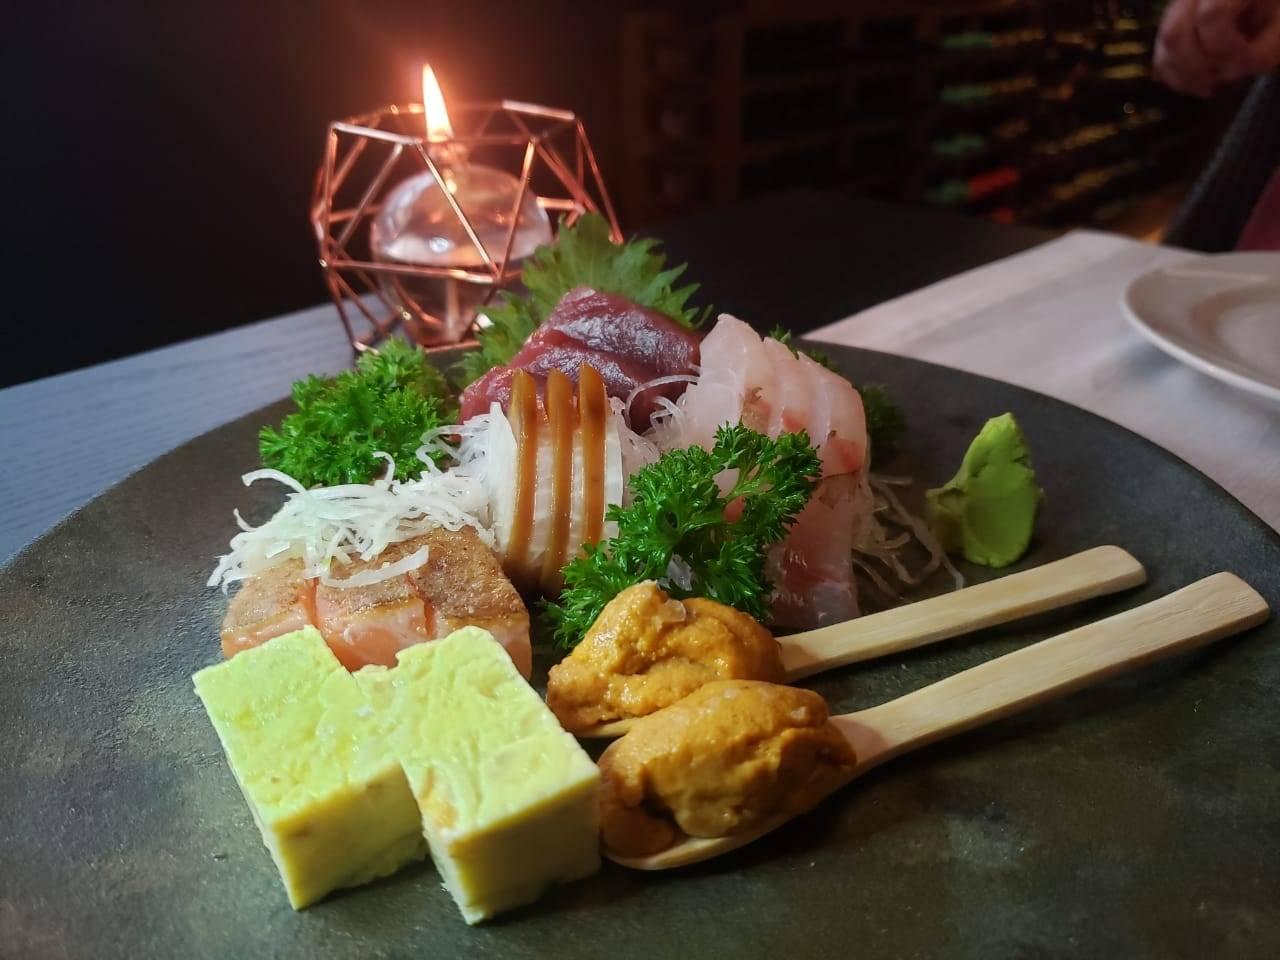 Sashimis variados:  bottarga, uni, tamagoyaki (omelete) e peixes.